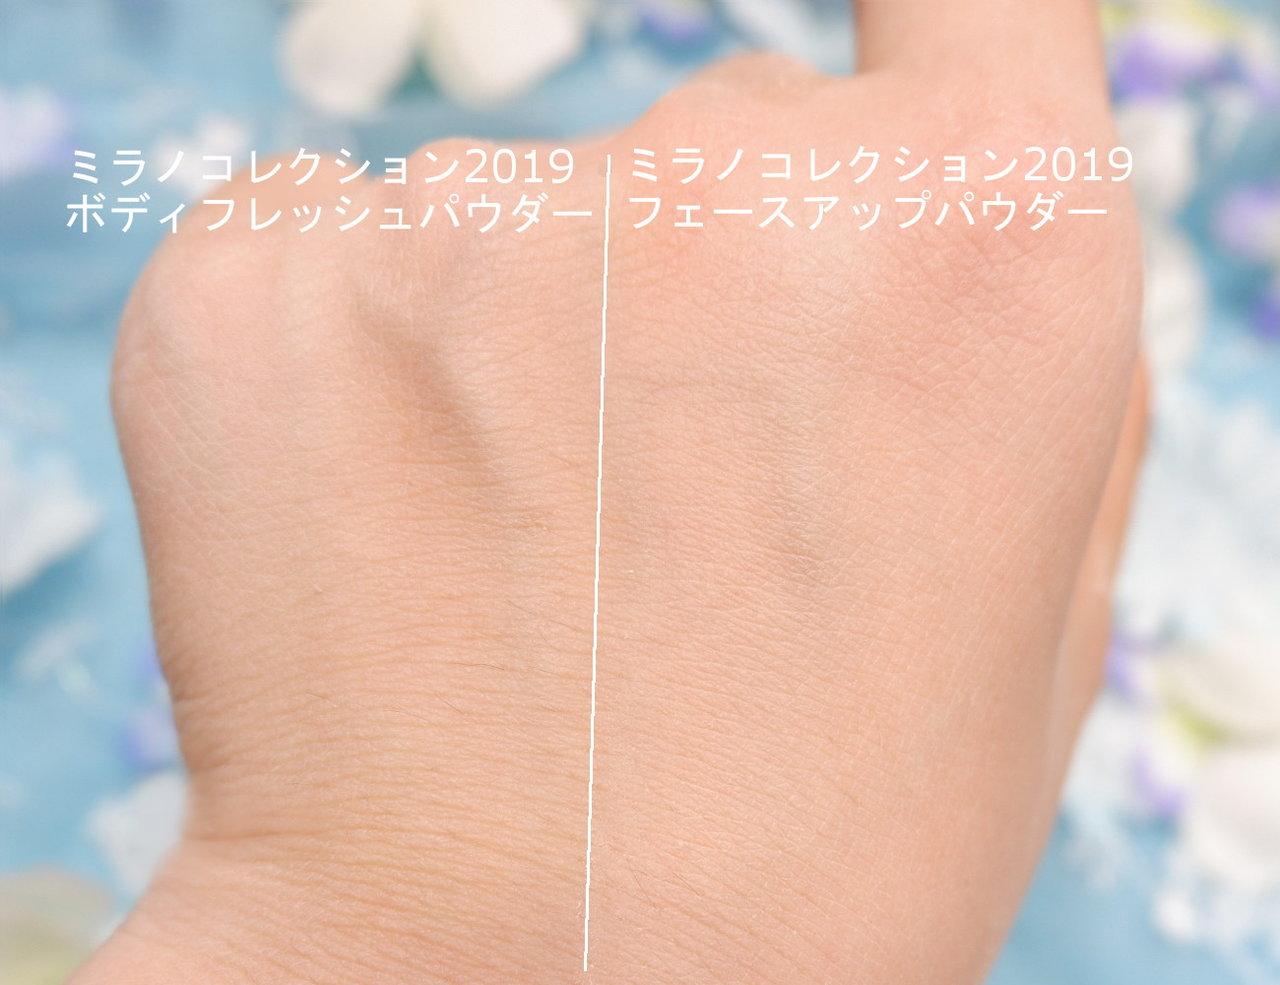 コスメカレンダー:カネボウ「ミラノコレクション ボディフレッシュパウダー」